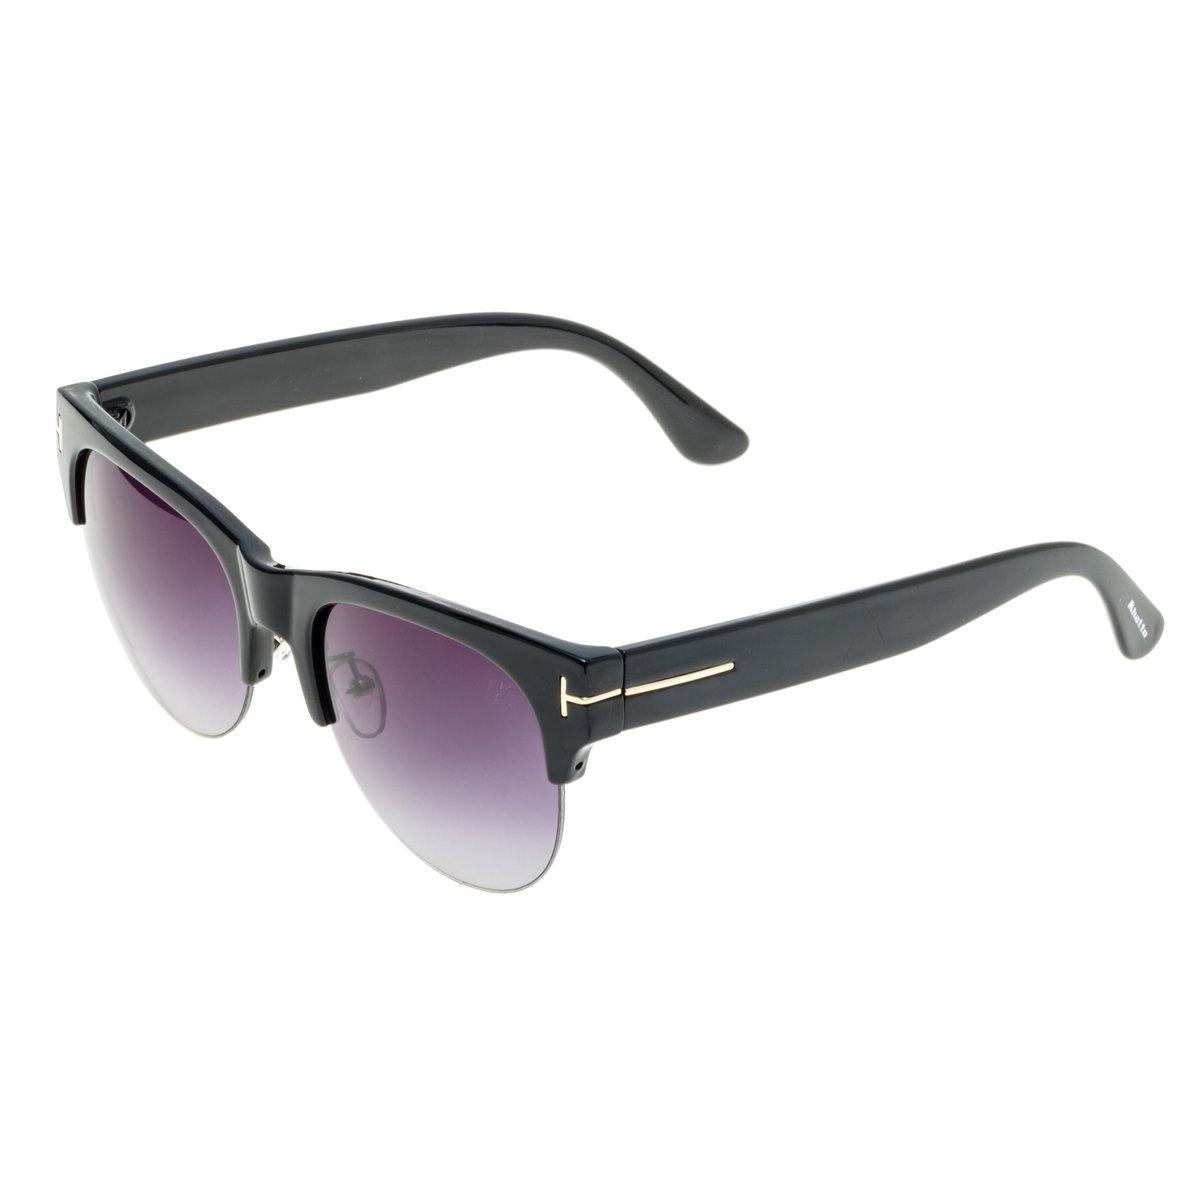 Óculos de Sol Khatto KT1158 - Compre Agora   Netshoes 235935e0ce